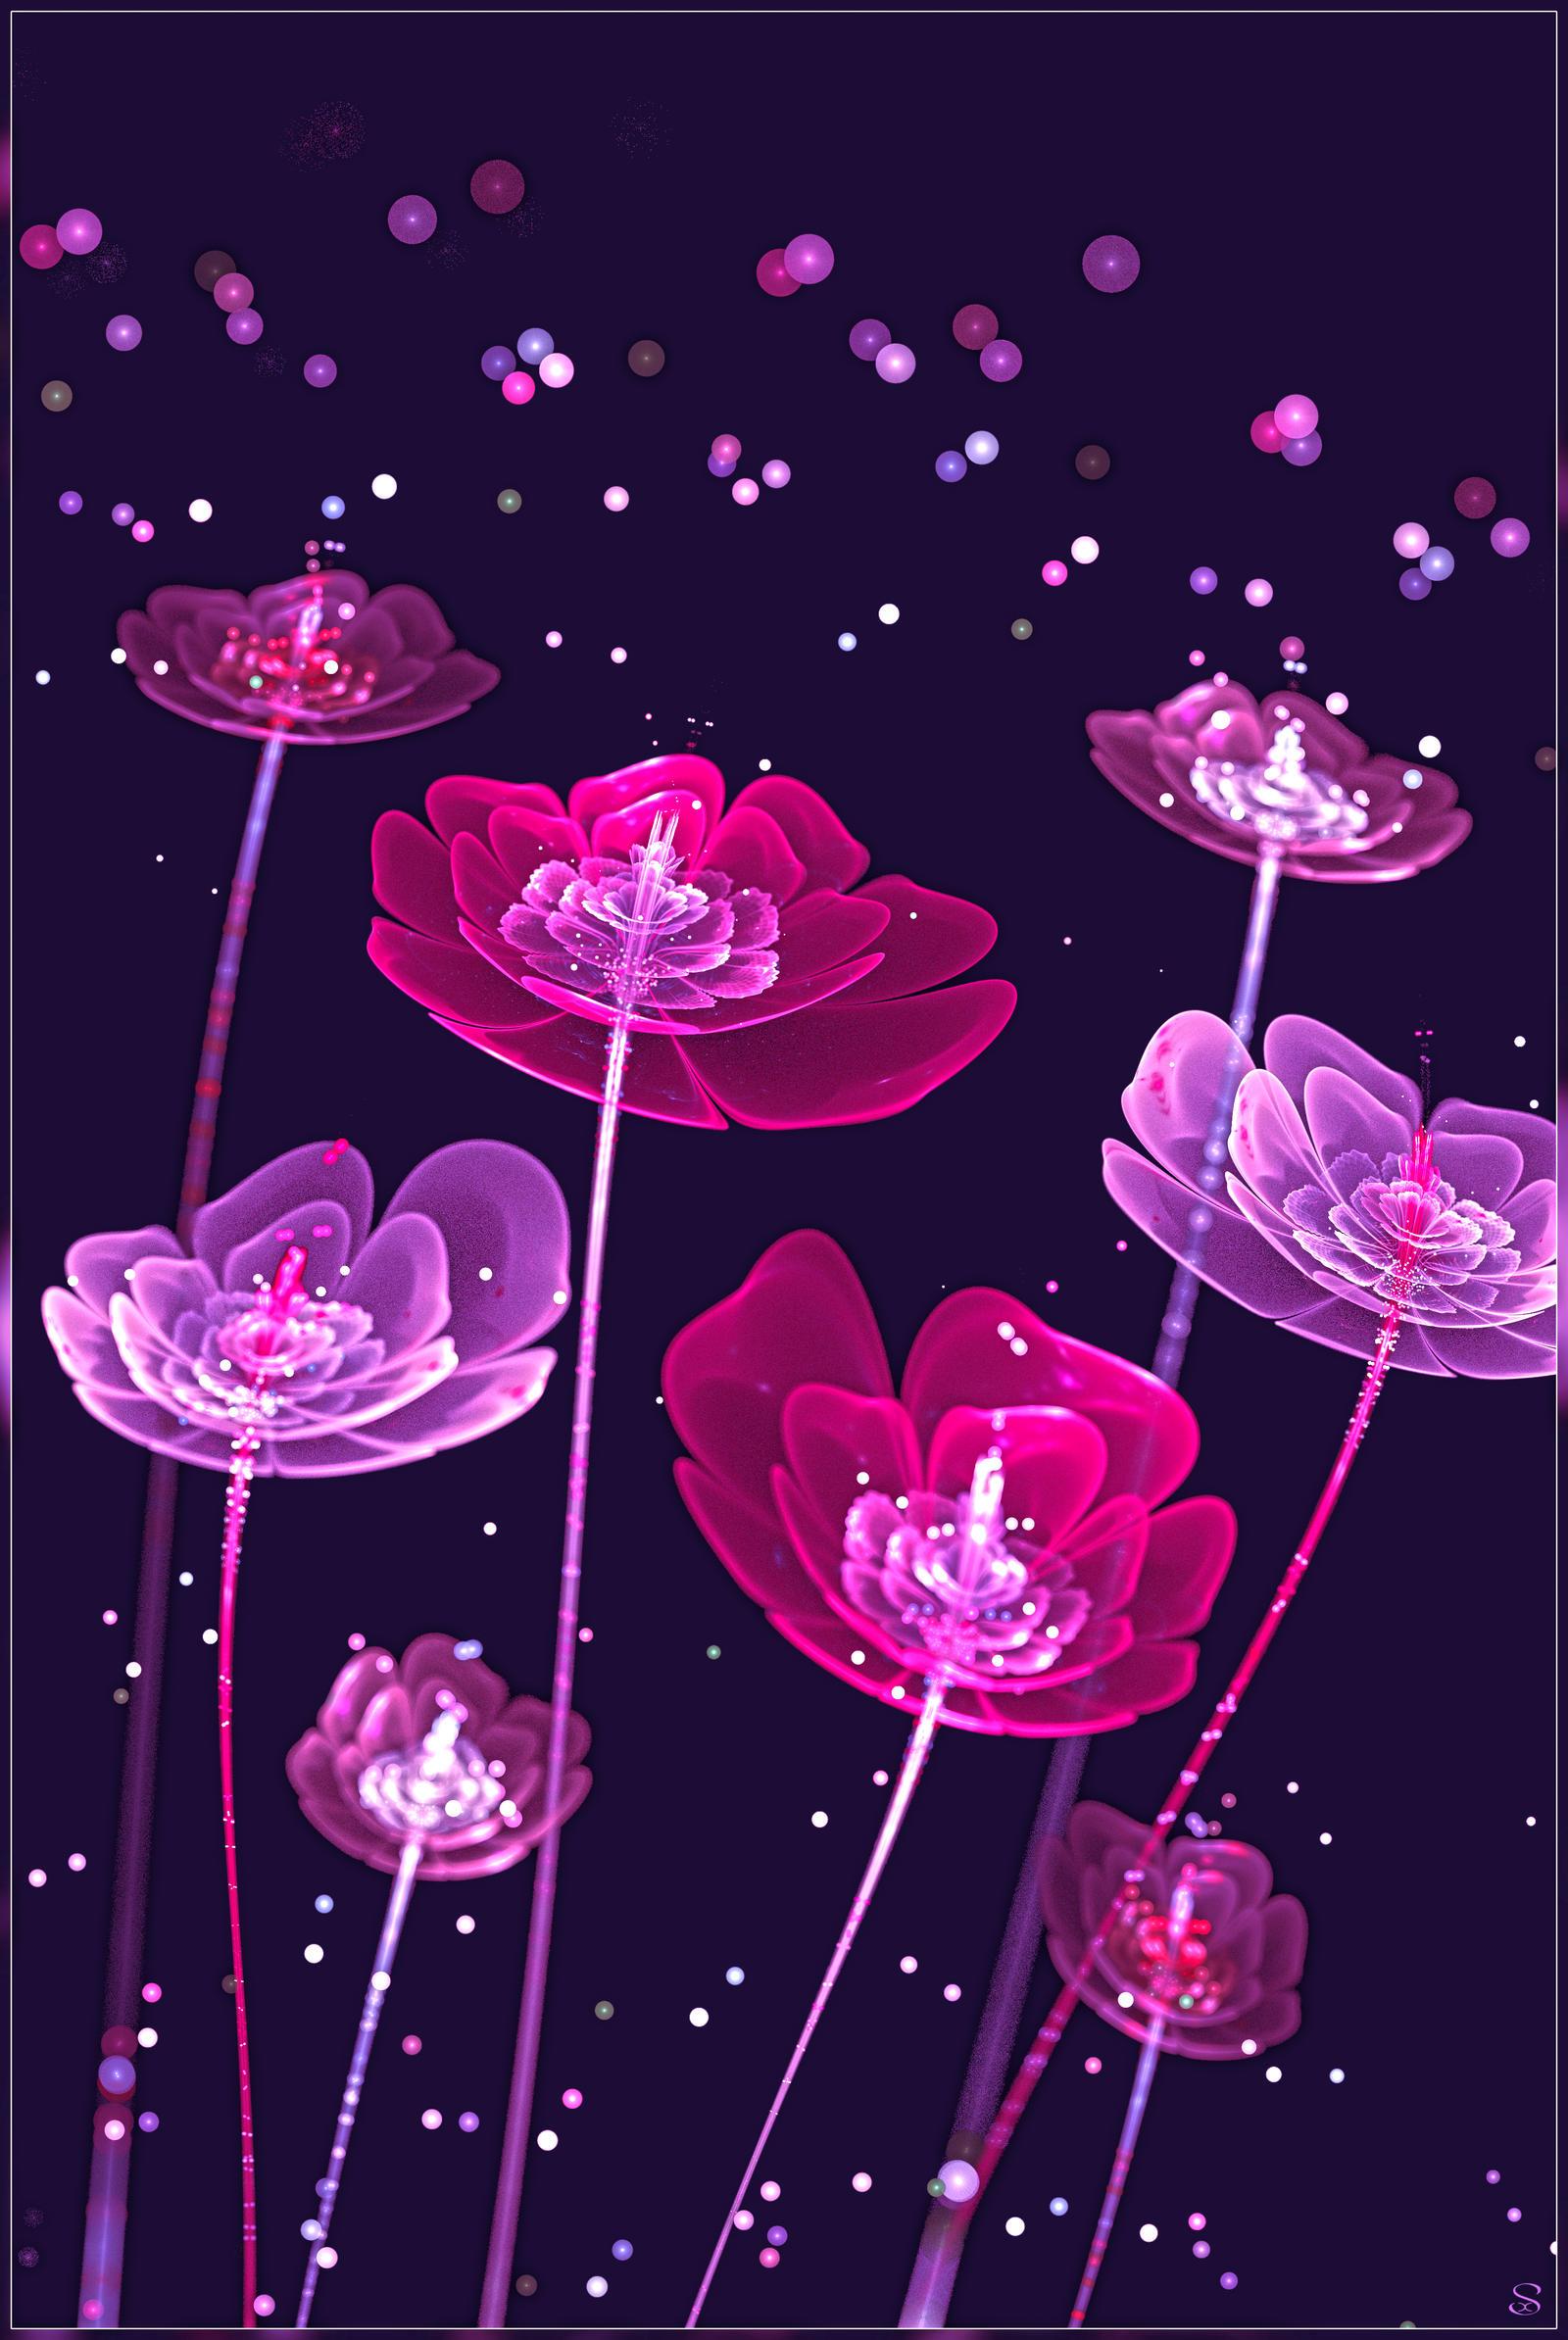 Pink Summer Dream by Stufferhelix